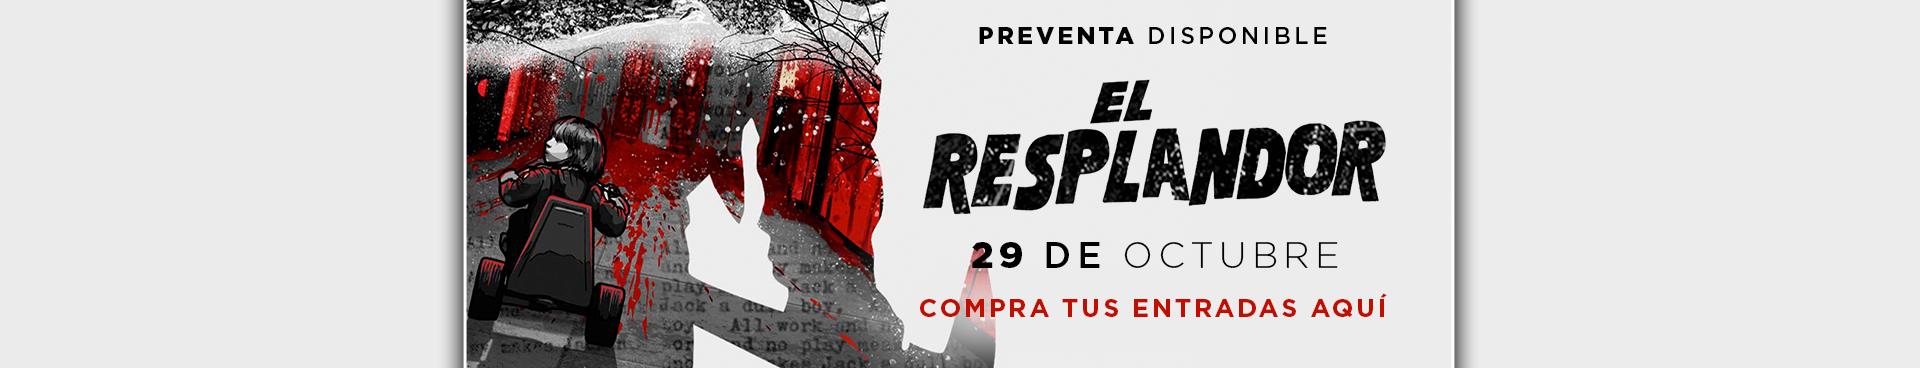 PREVENTA EL RESPLANDOR, 29 DE OCTUBRE, COMPRA AQUÍ TUS ENTRADAS